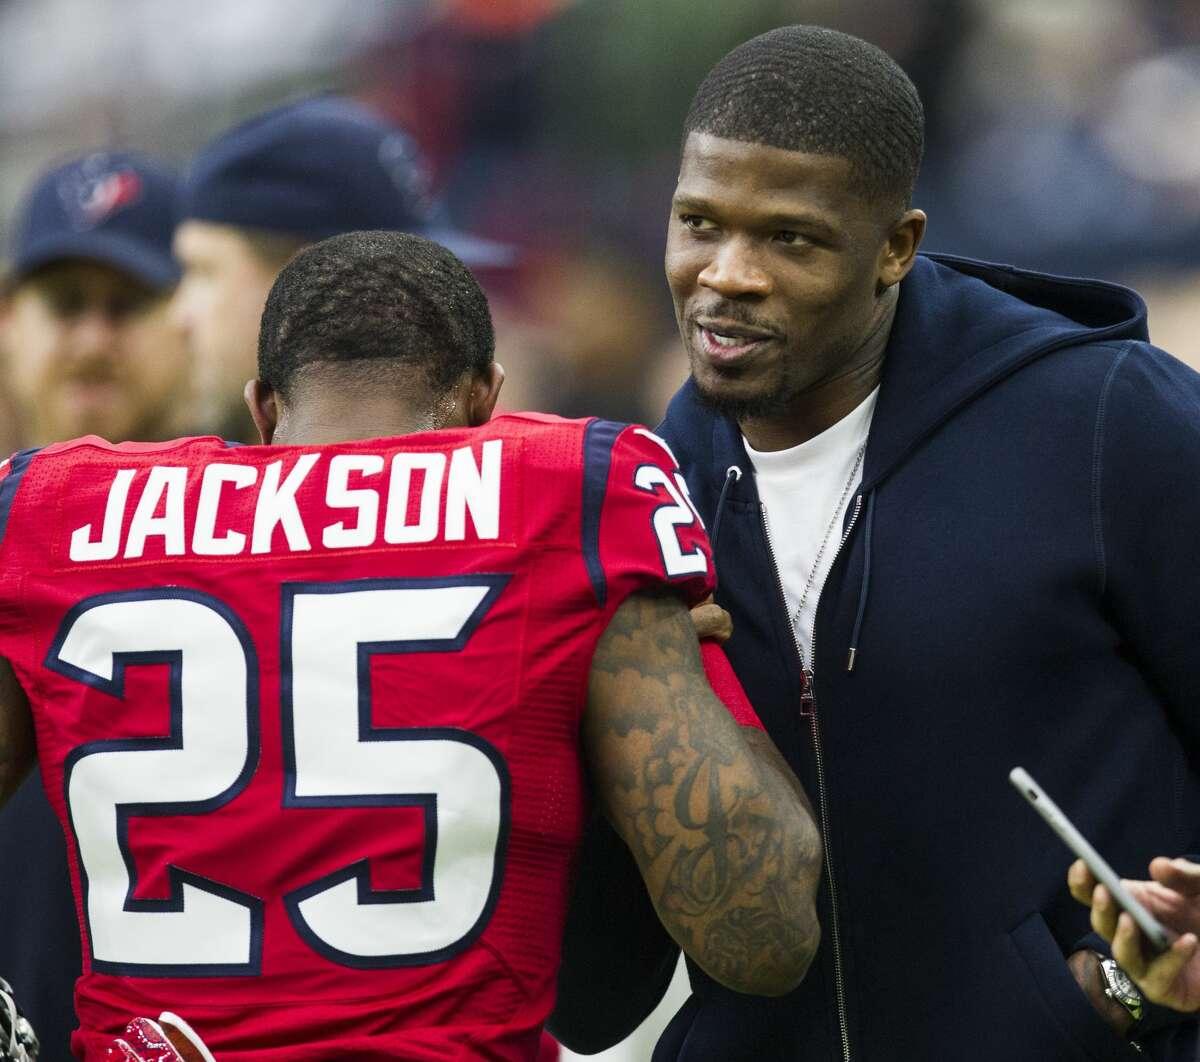 Houston Texans cornerback Kareem Jackson (25) embraces former Texans wide receiver Andre Johnson before an NFL football game against the Jacksonville Jaguars at NRG Stadium on Sunday, Dec. 18, 2016, in Houston. ( Brett Coomer / Houston Chronicle )